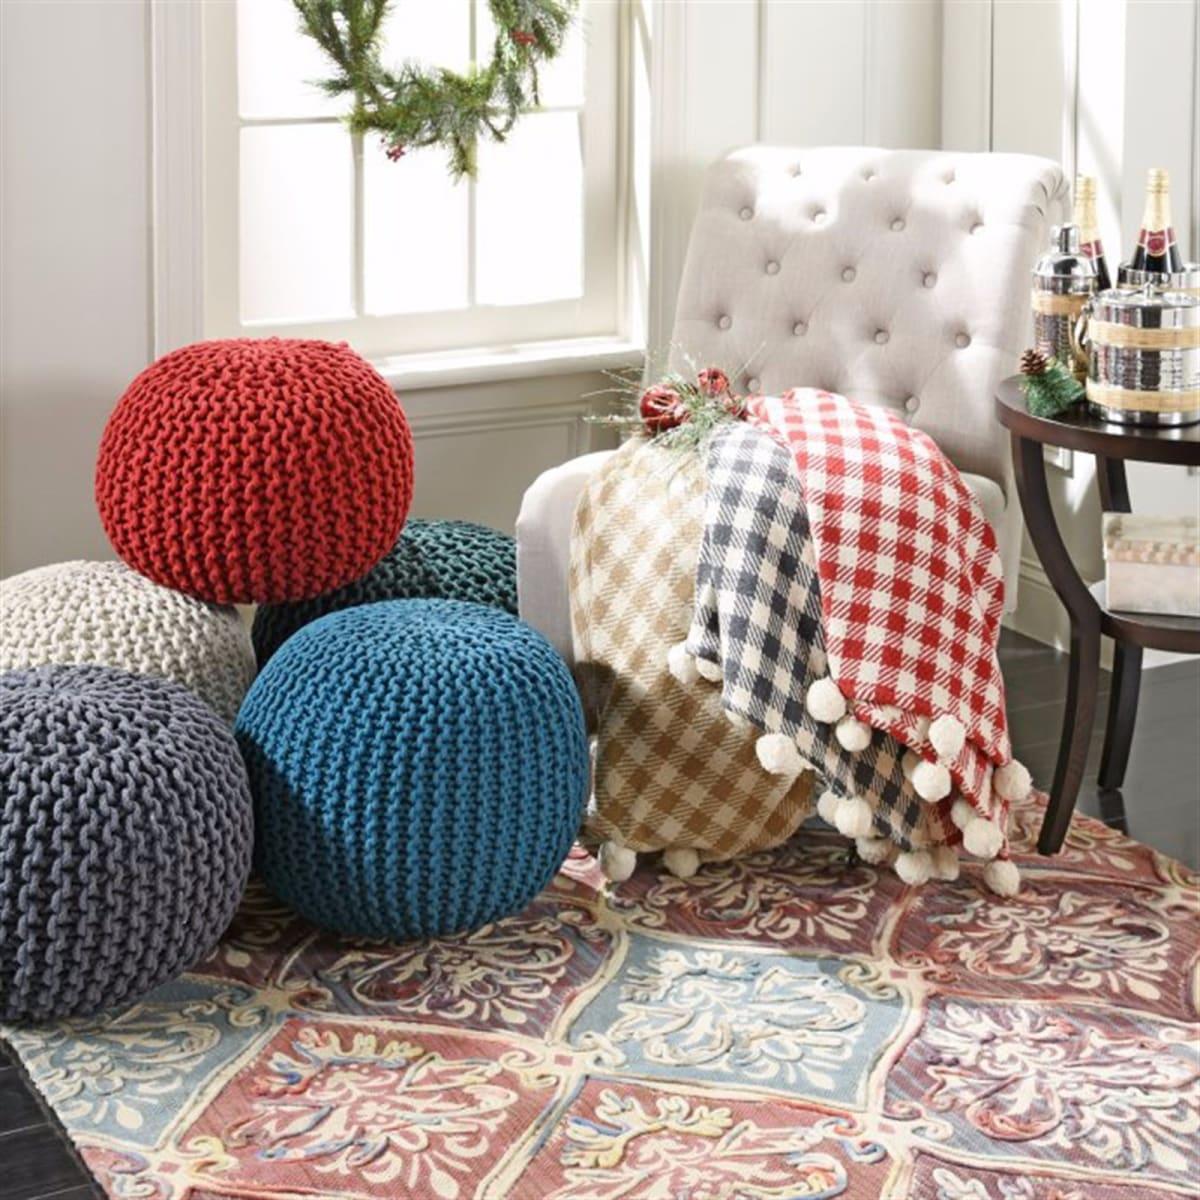 Handmade Gumdrop Knitted Pouf